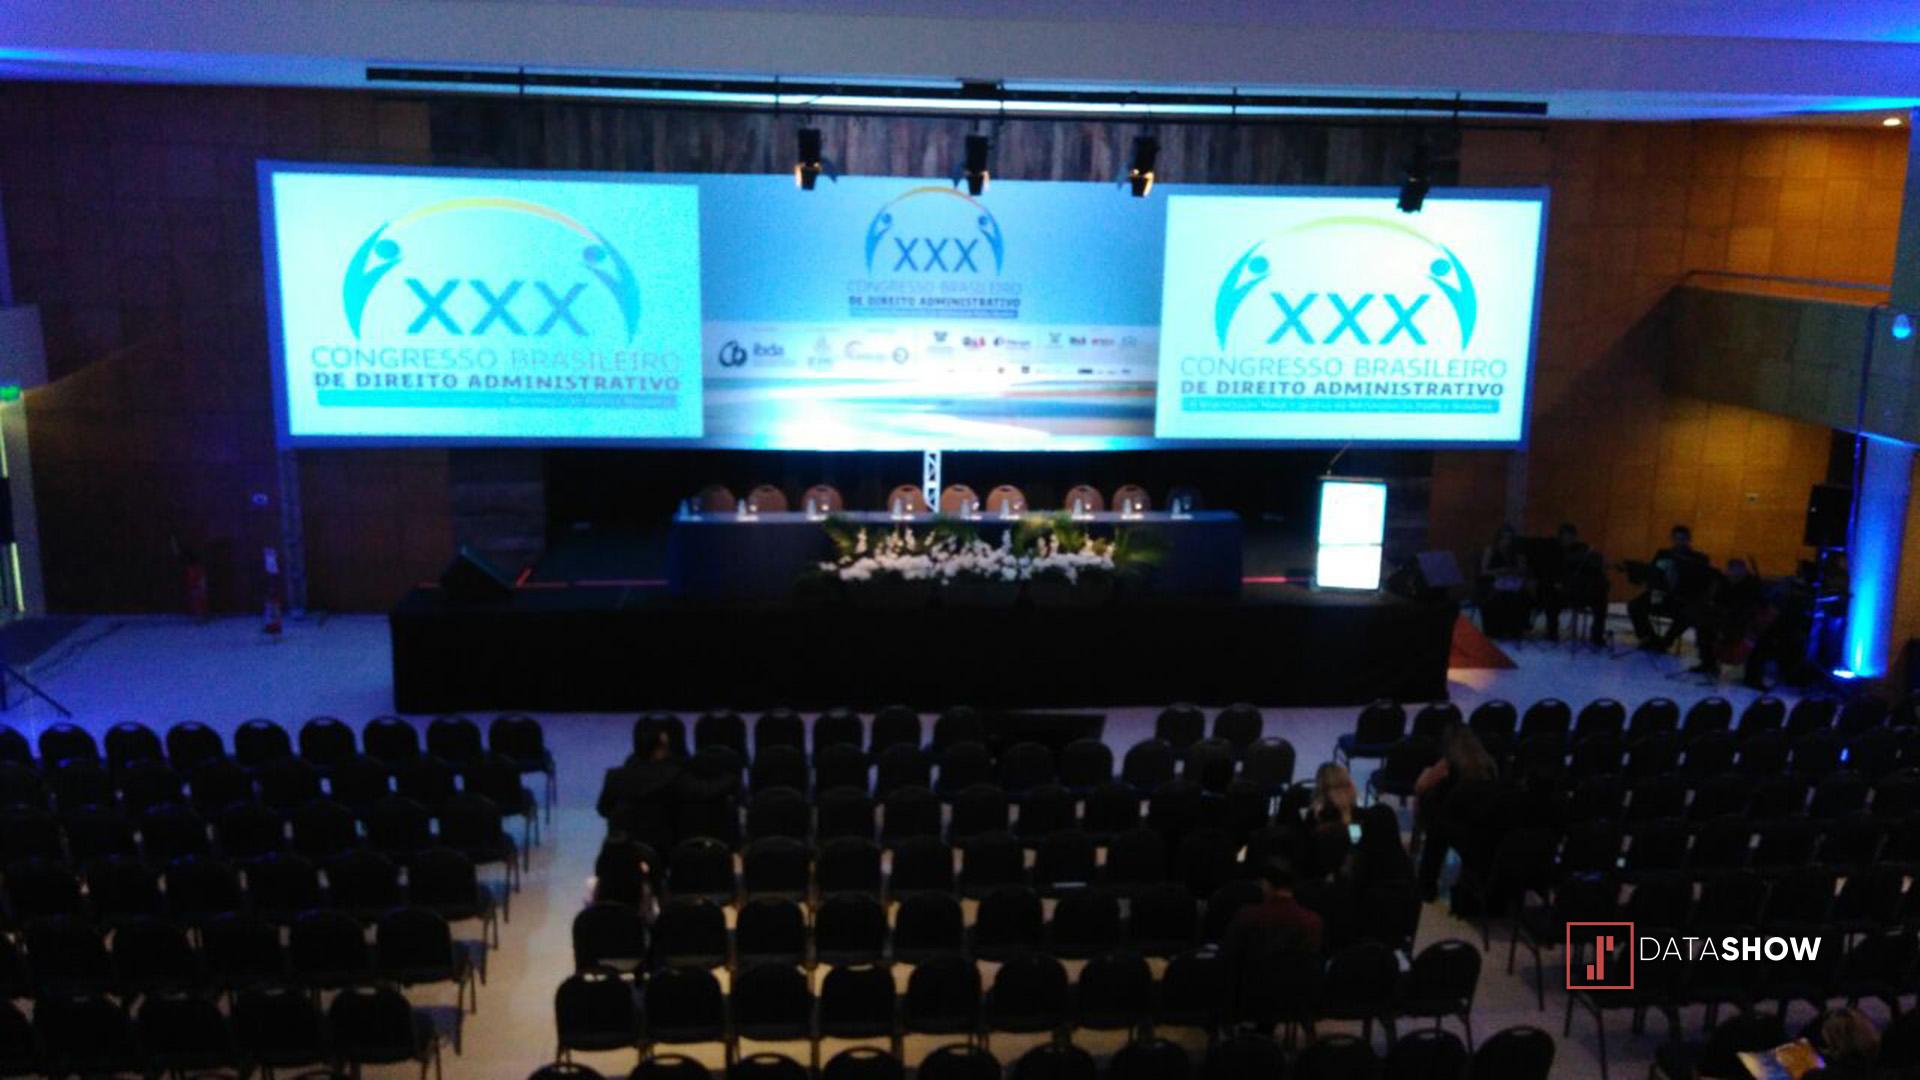 XXX Congresso Brasileiro de Direito Administrativo